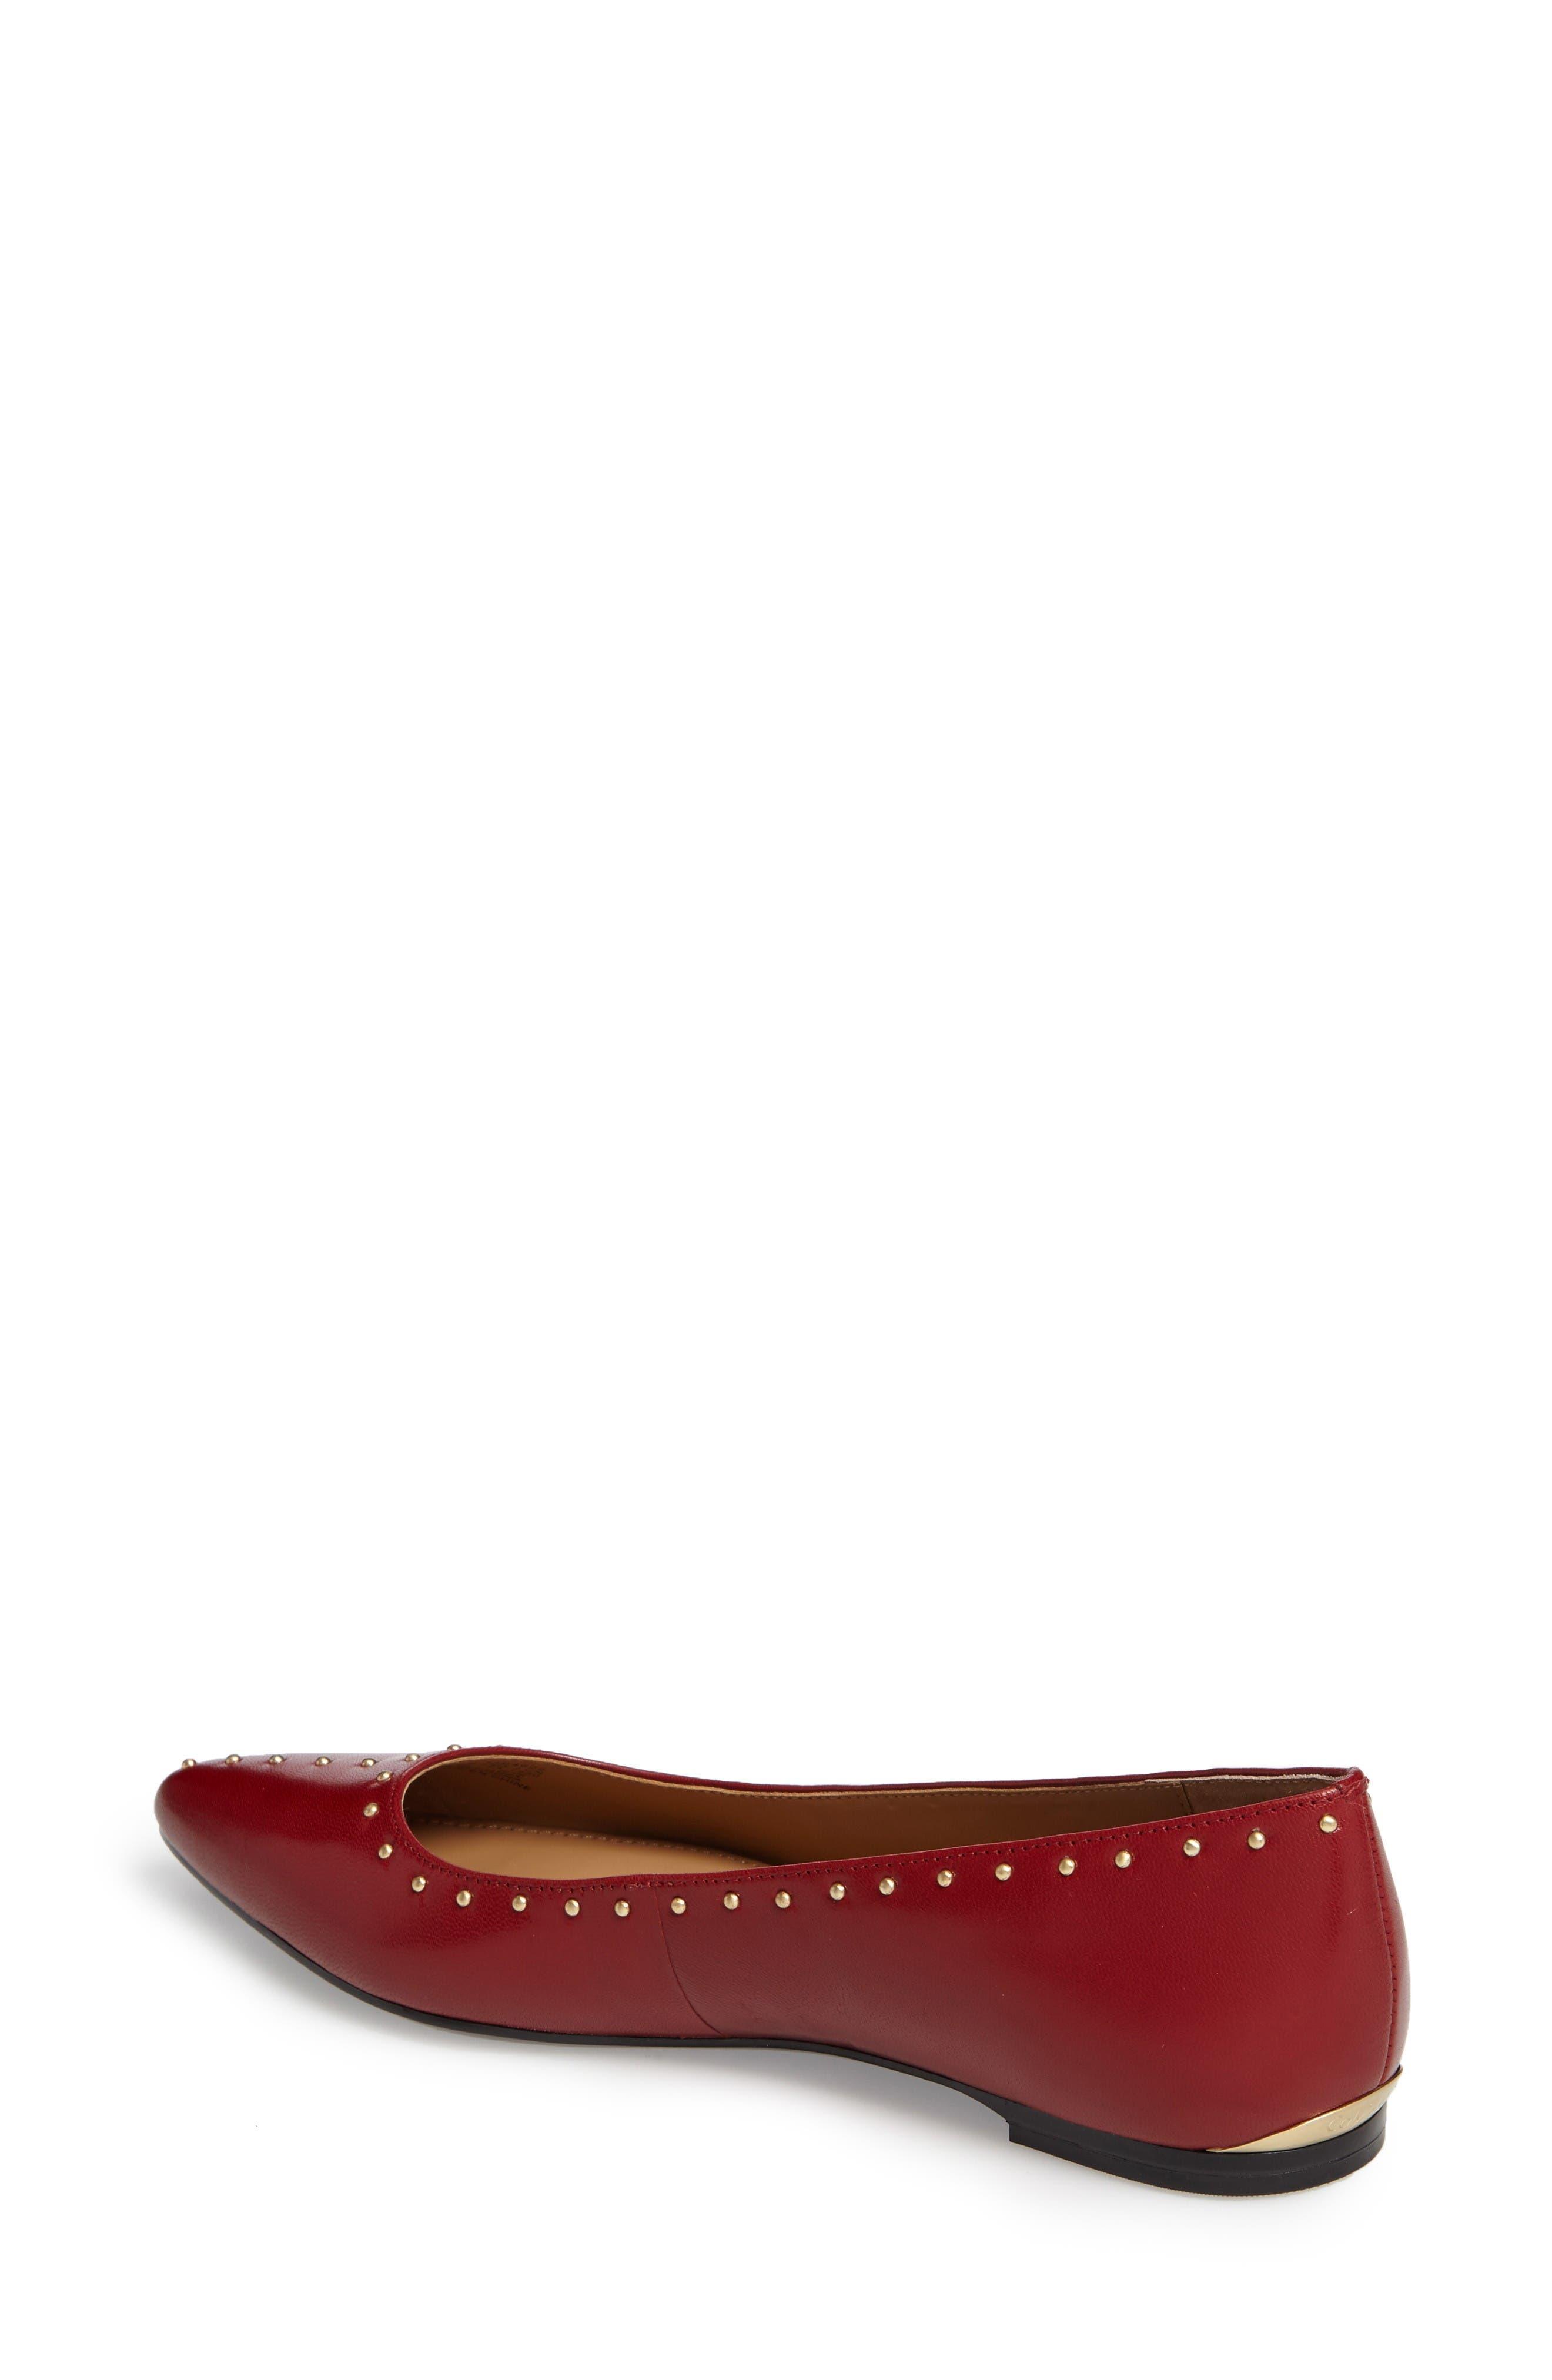 Alternate Image 2  - Calvin Klein Genie Pointy Toe Flat (Women)